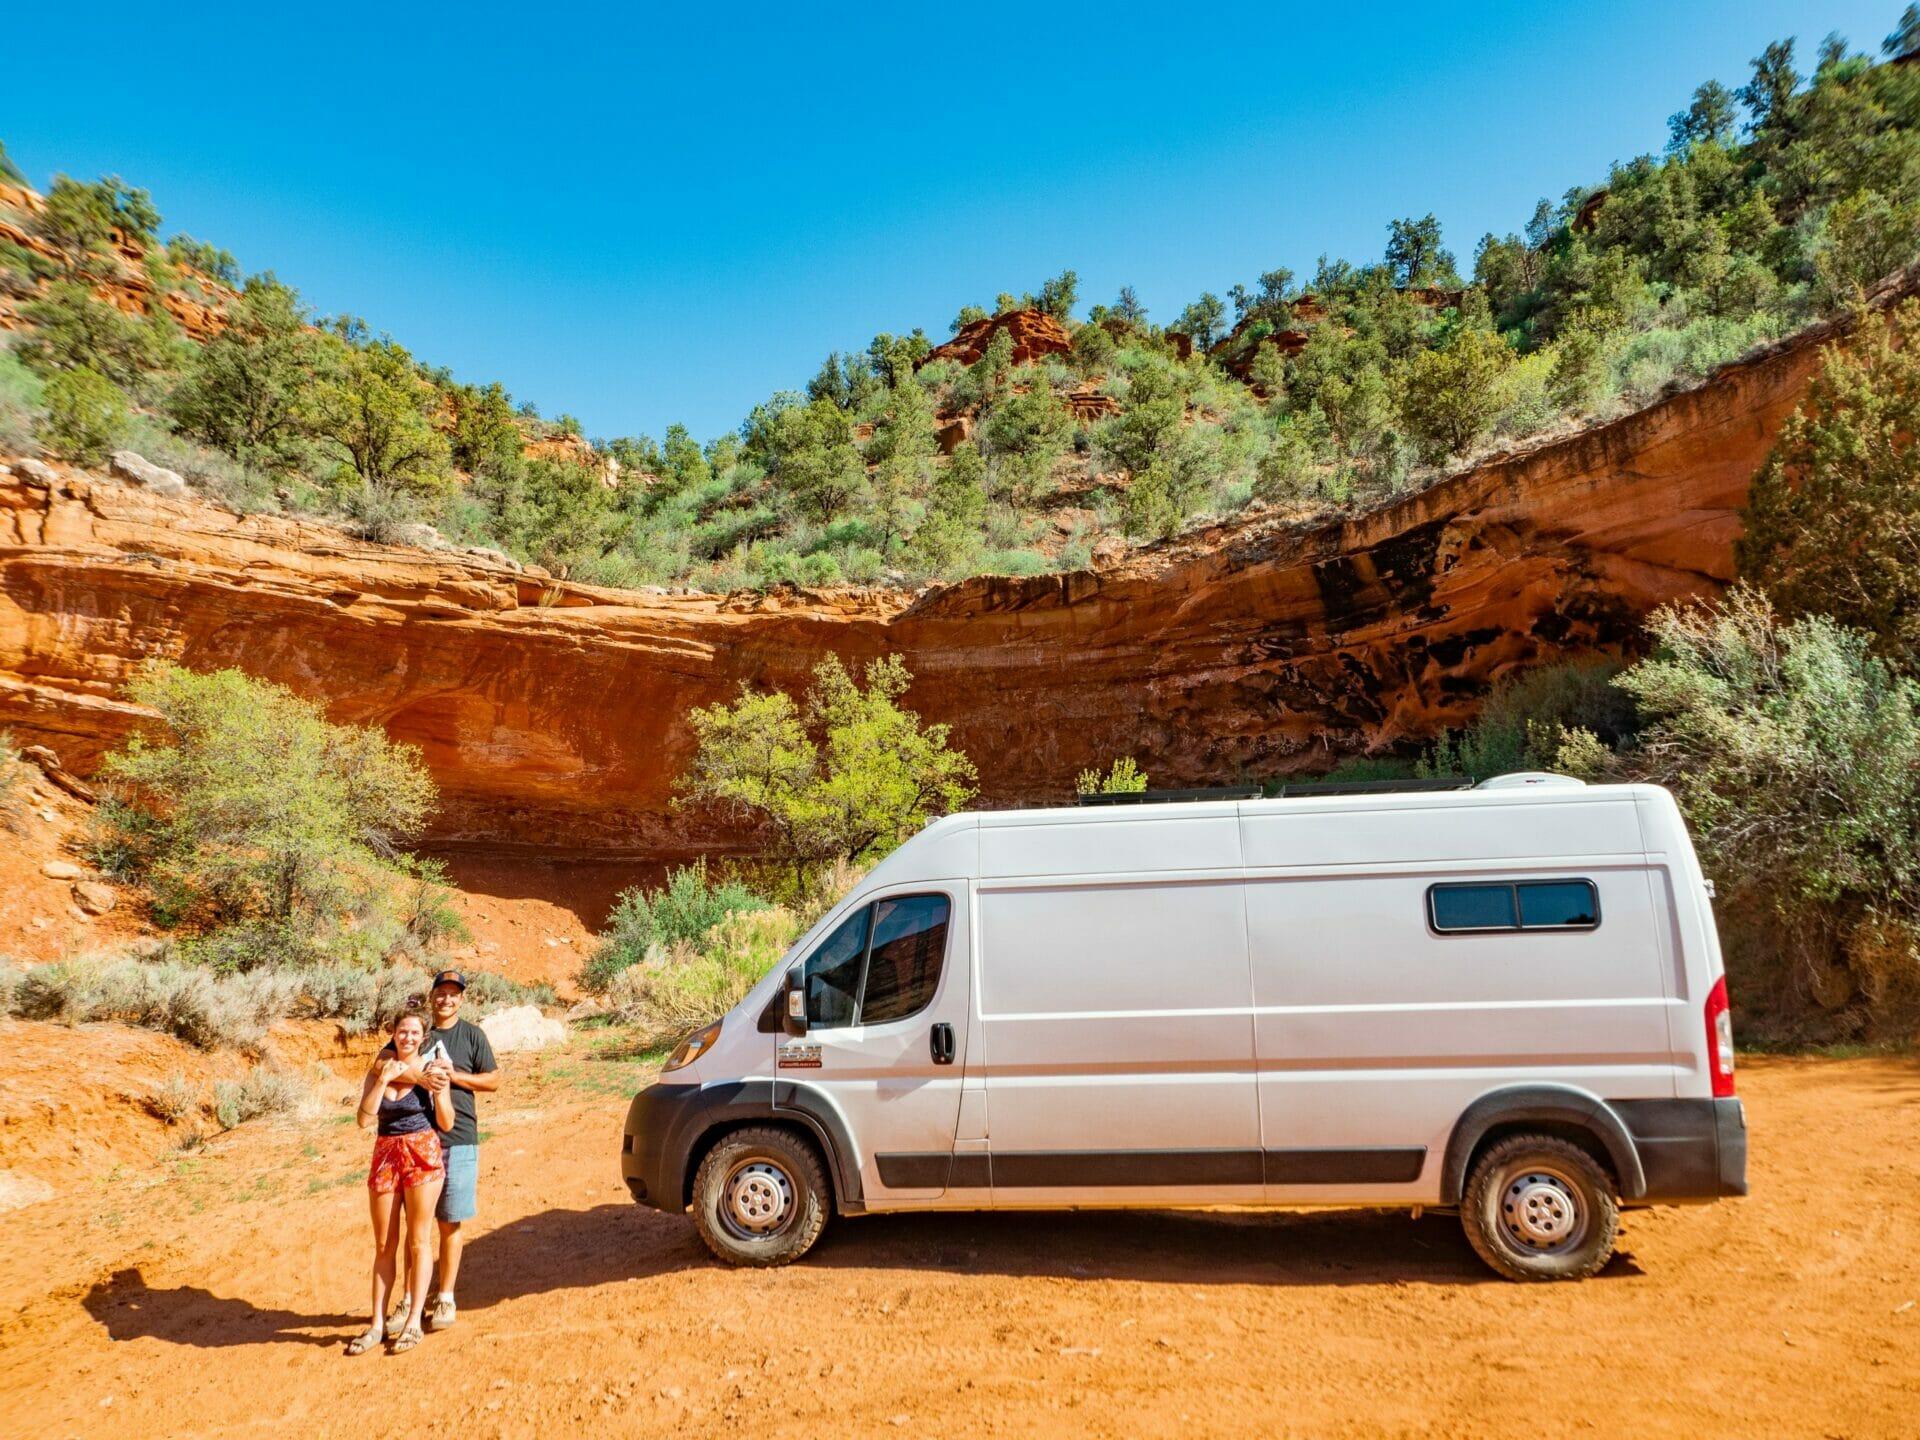 Camping vanlife Kanab Utah